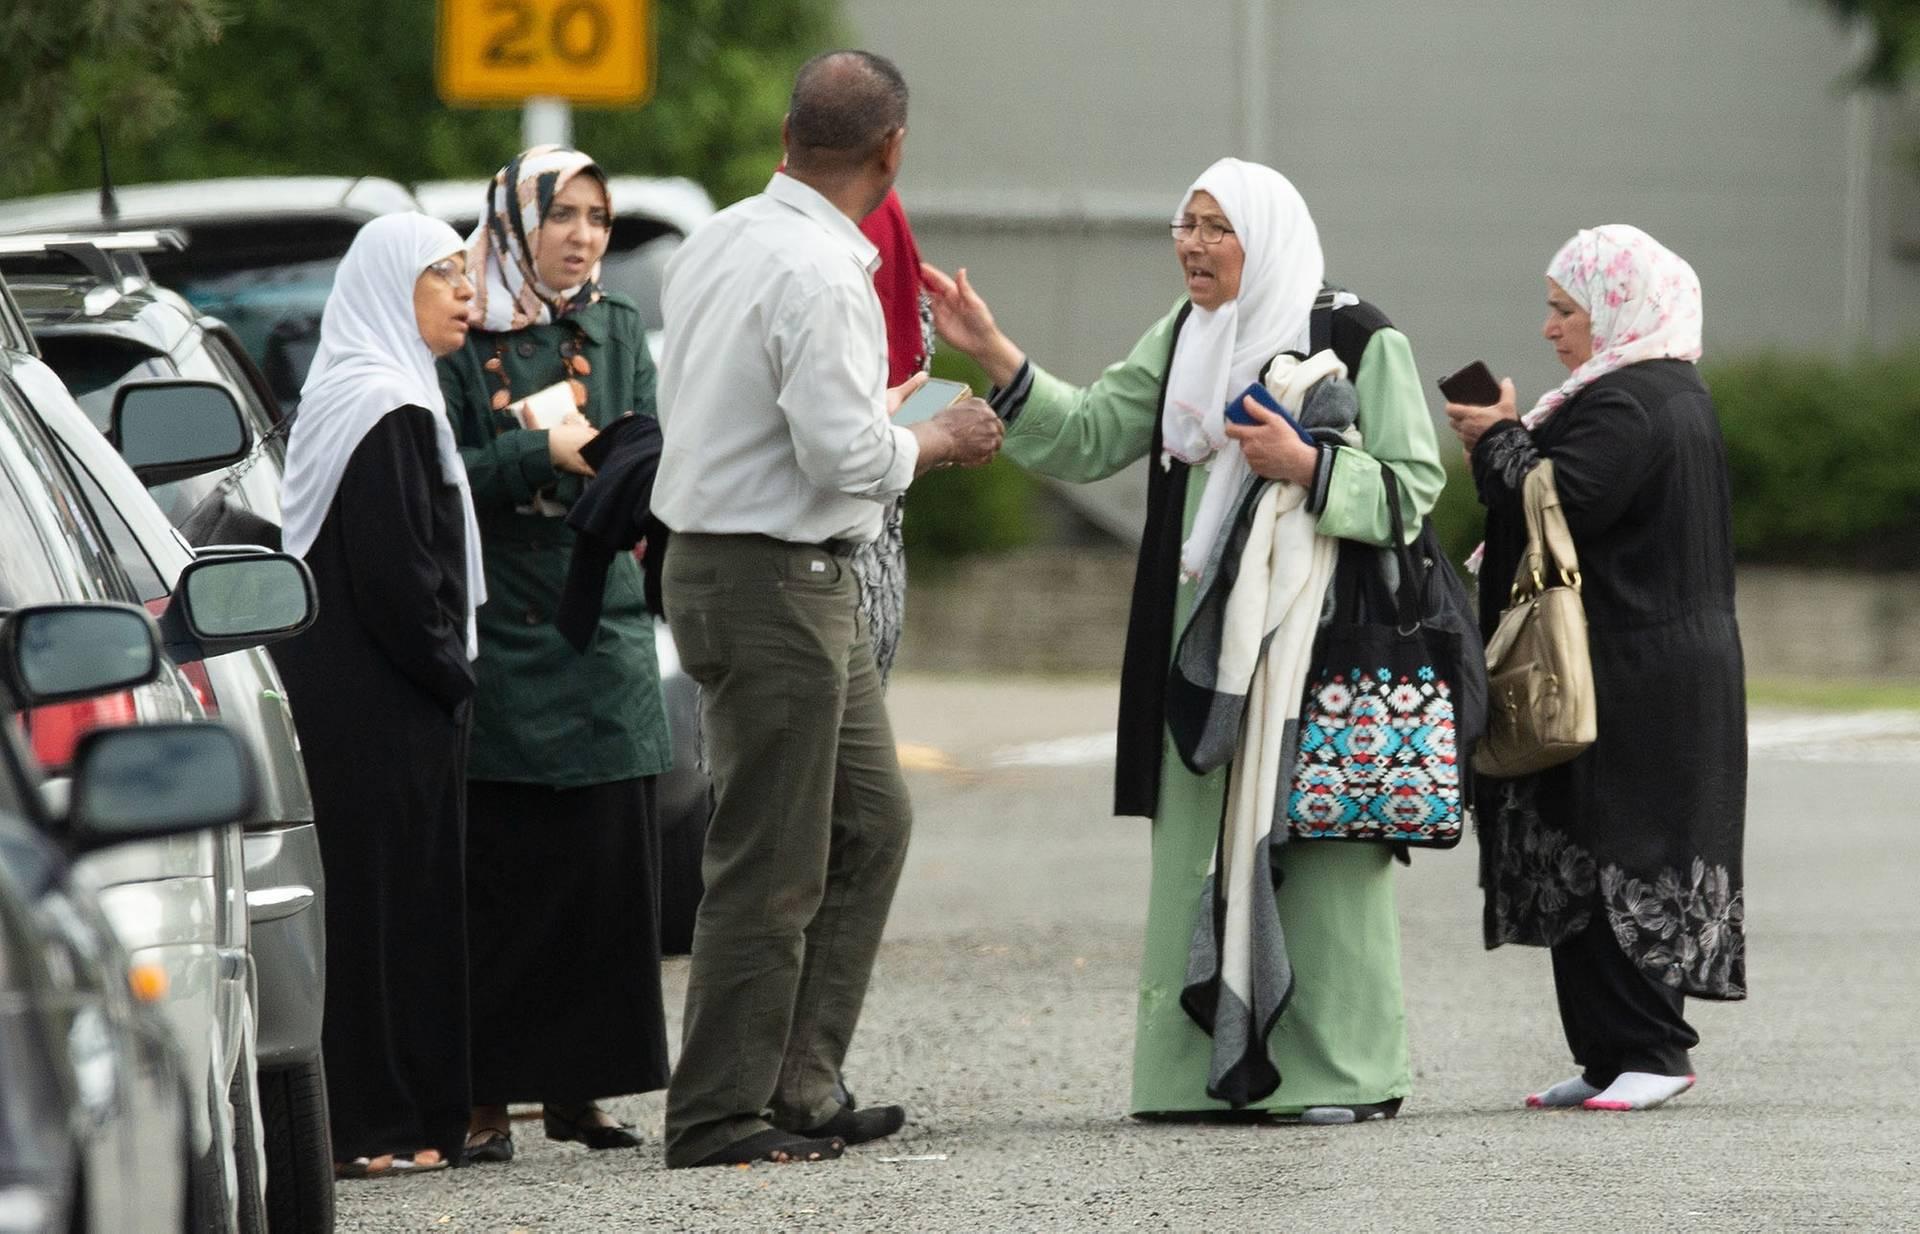 Шоковані члени сімей мусульманської спільноти стоять біля мечеті Лінвуд Масджид після стрілянини, Крайстчерч, Нова Зеландія, 15 березня 2019 року